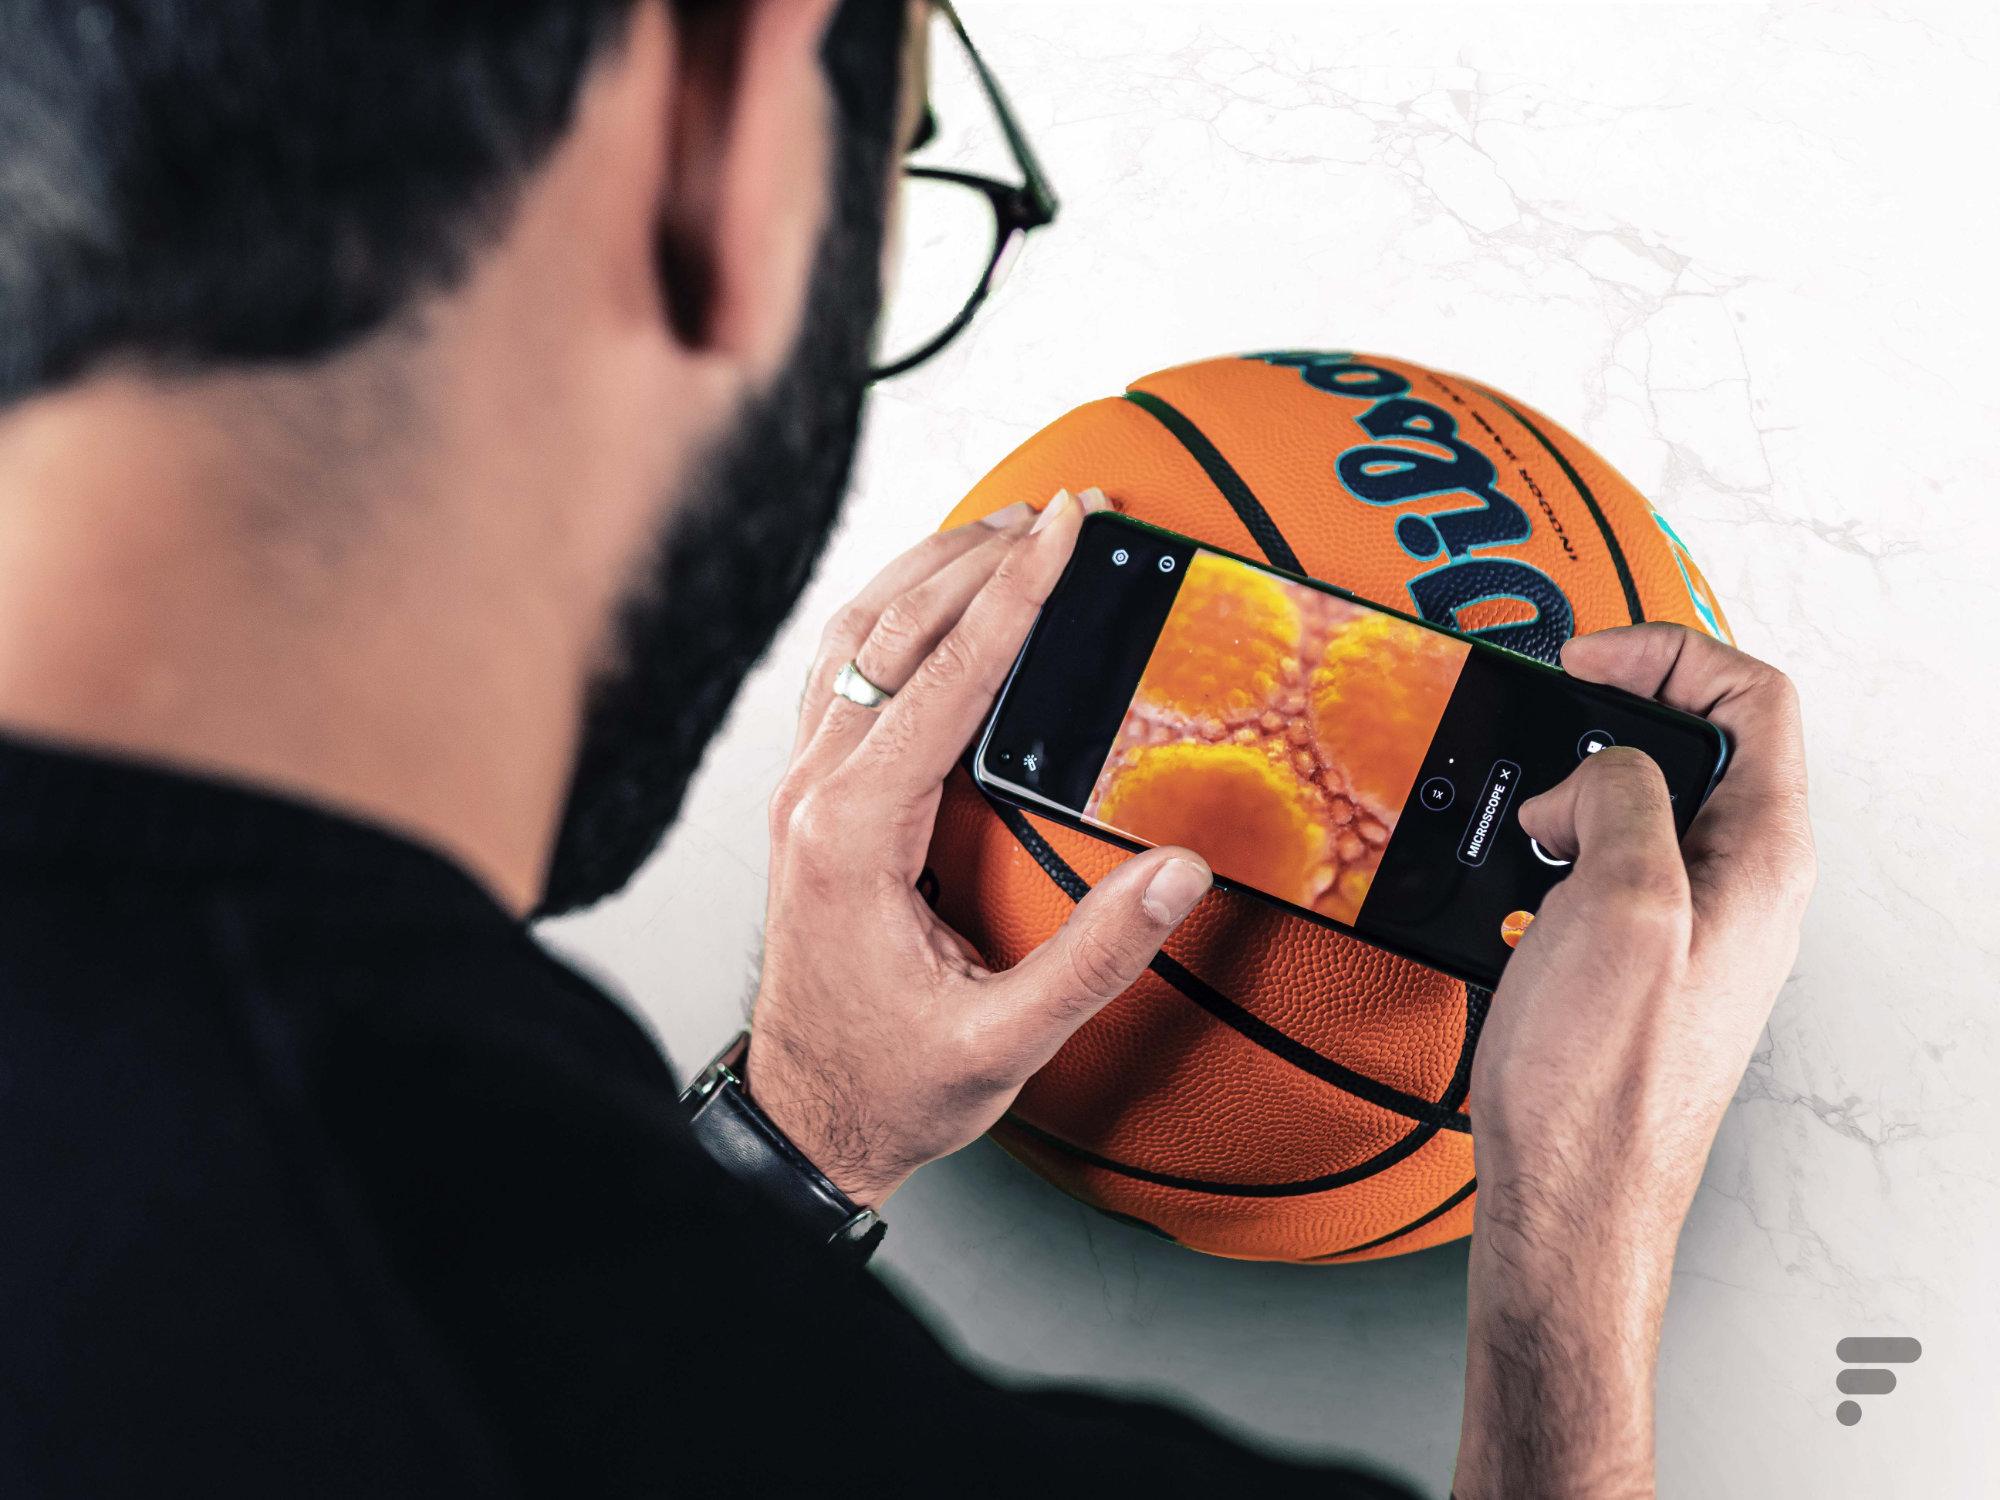 Le microscope sur smartphone: vous êtes une majorité à apprécier à cette fonctionnalité